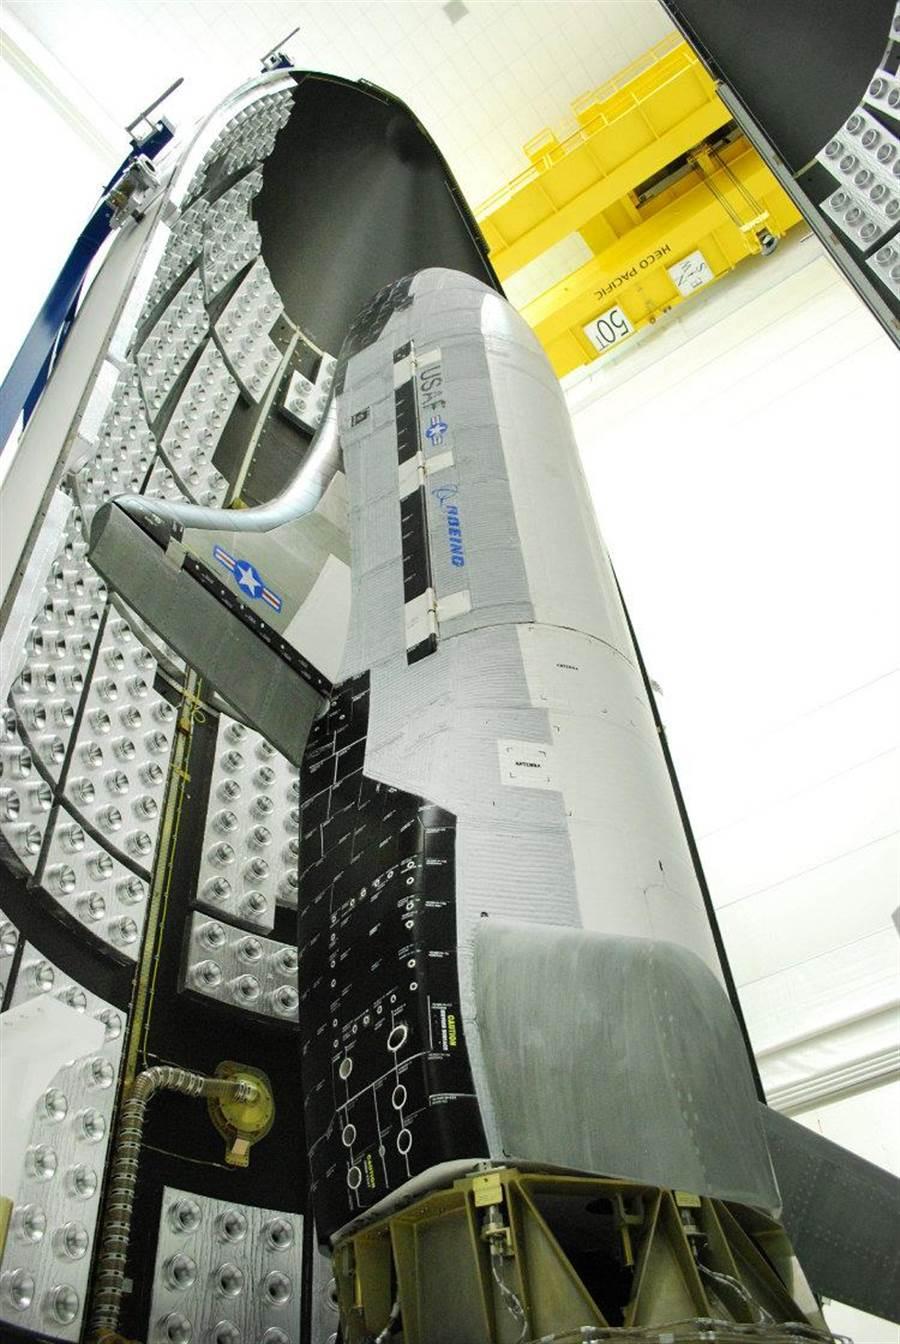 將要合上整流罩,準備發射的X-37B。(圖/波音公司)